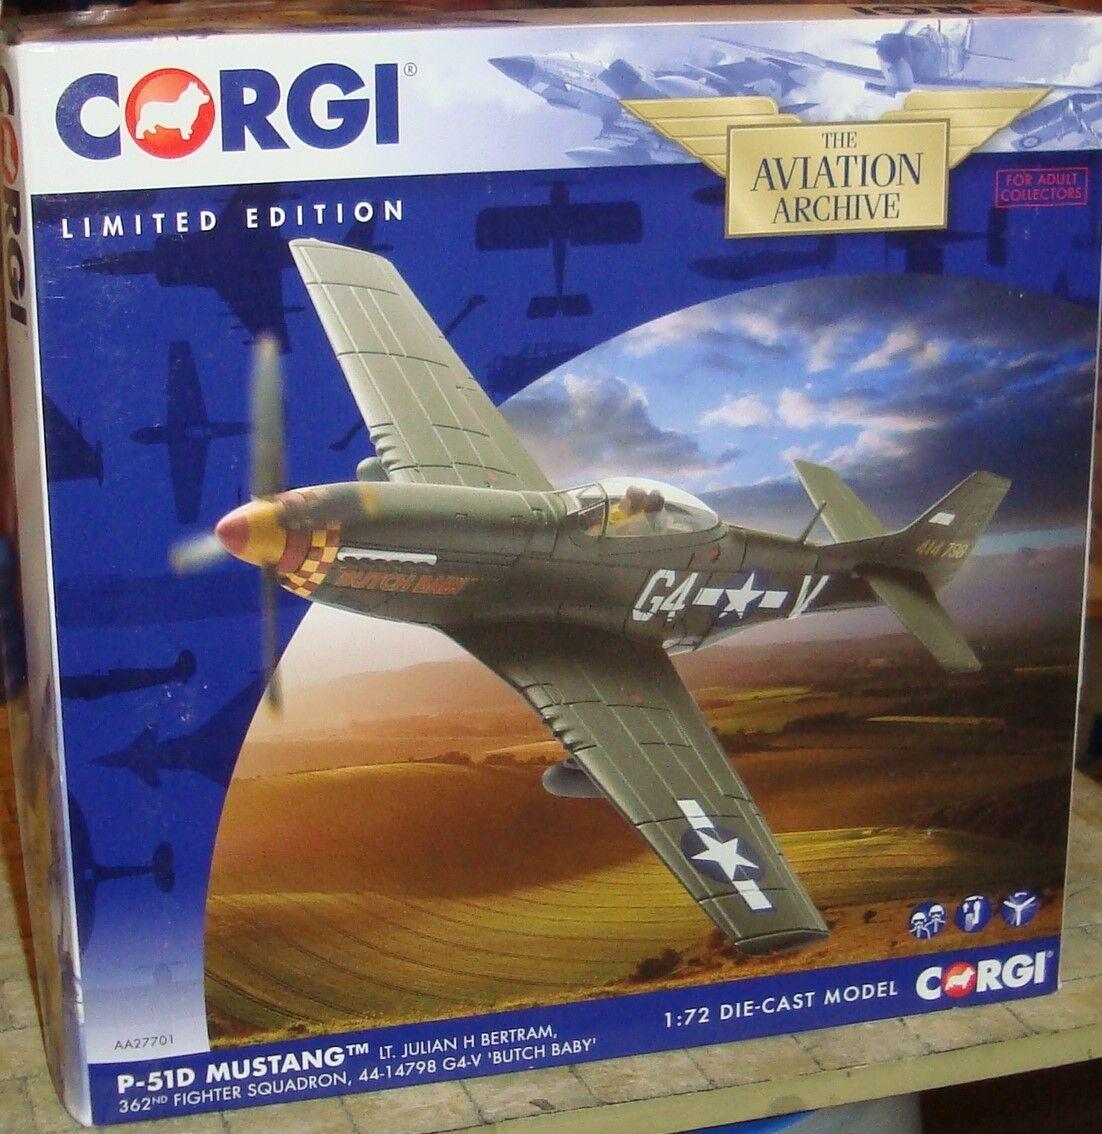 Corgi-P-51D Mustang - 362 Sqn, 44-14798 G4-V  Butch BABY  -1 72 - Ltd Edition